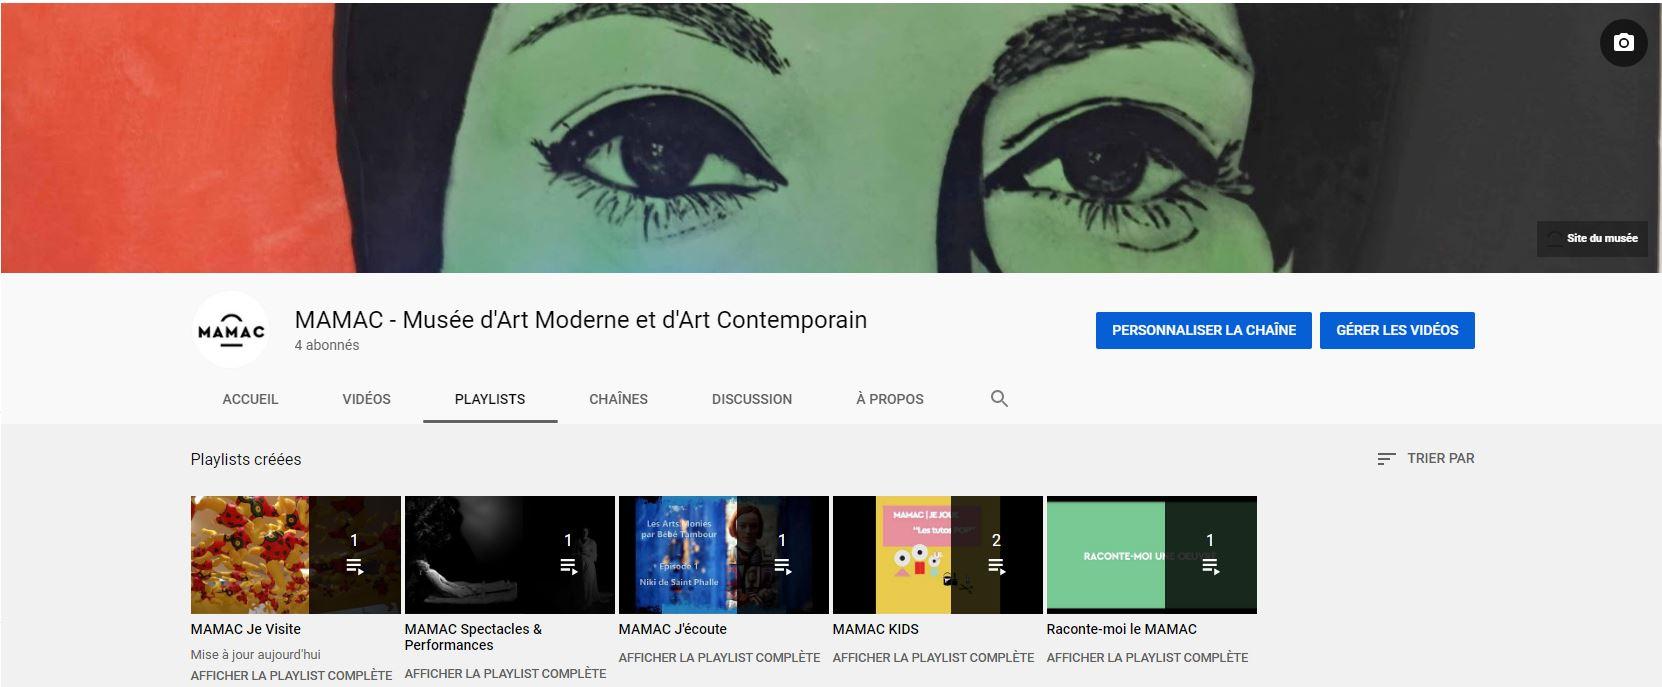 Découvrez la chaîne Youtube du MAMAC !